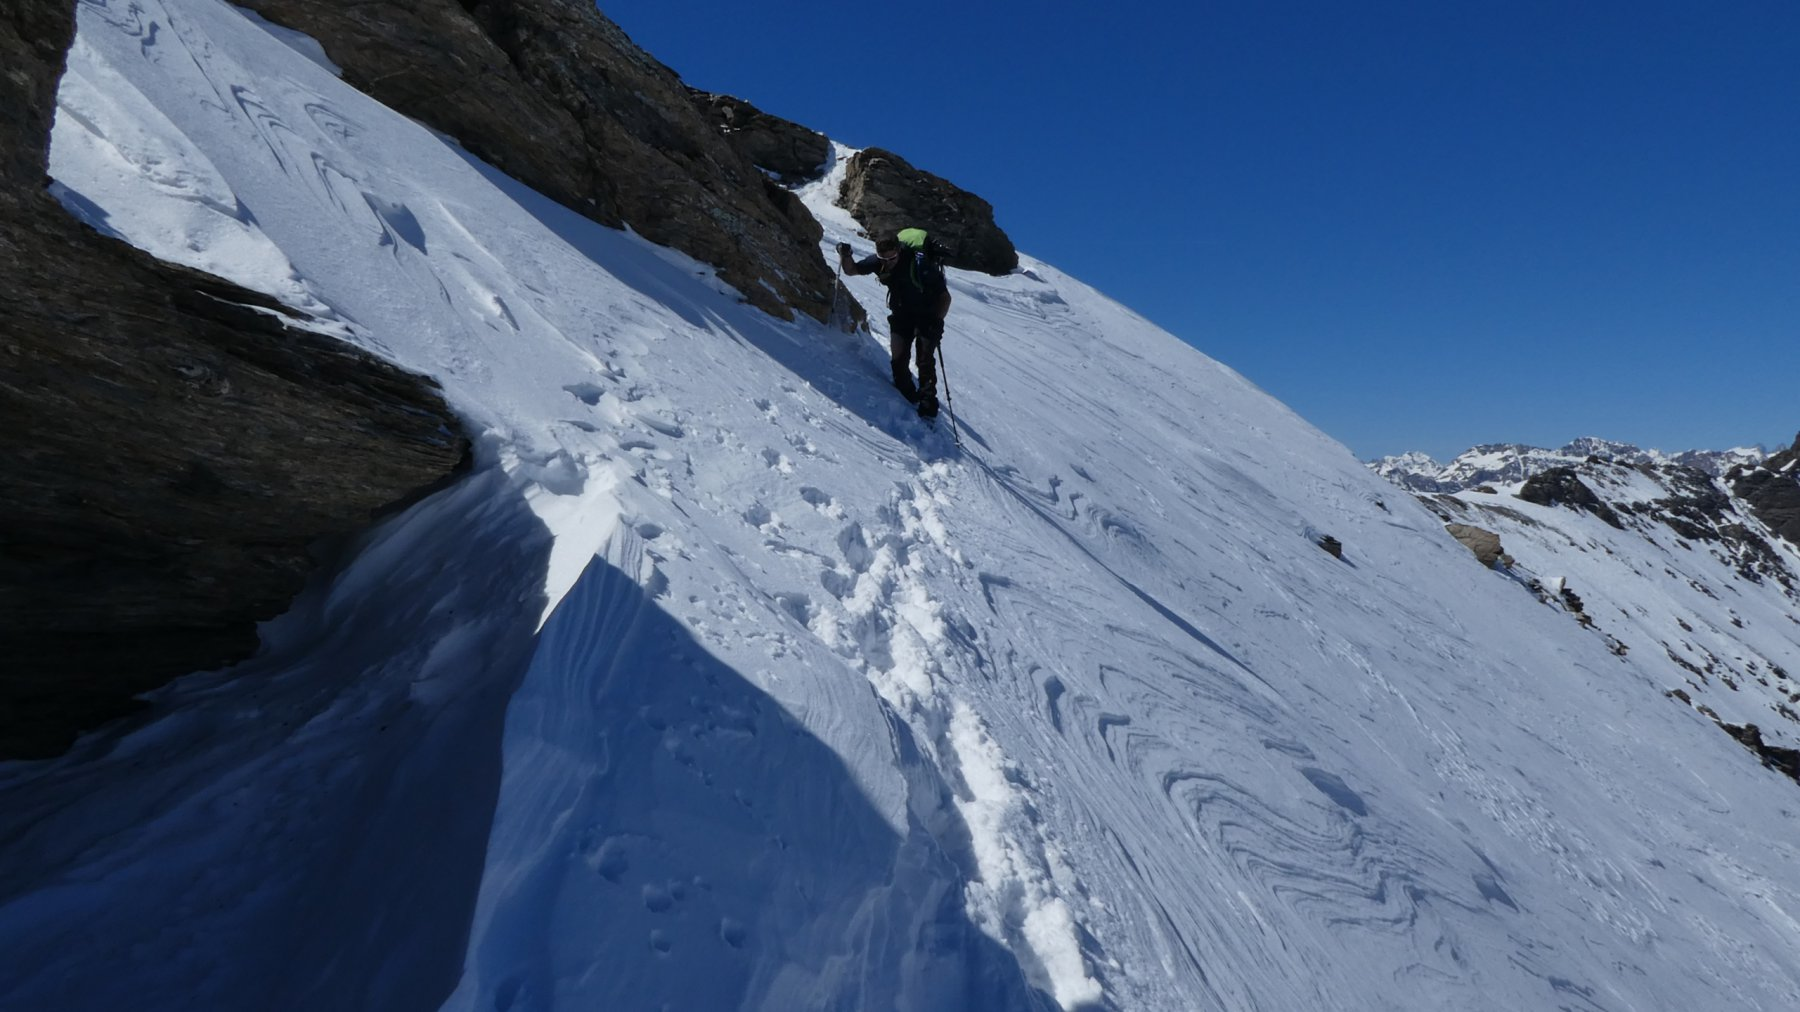 traversando in cresta verso il colletto di quota 2970 m